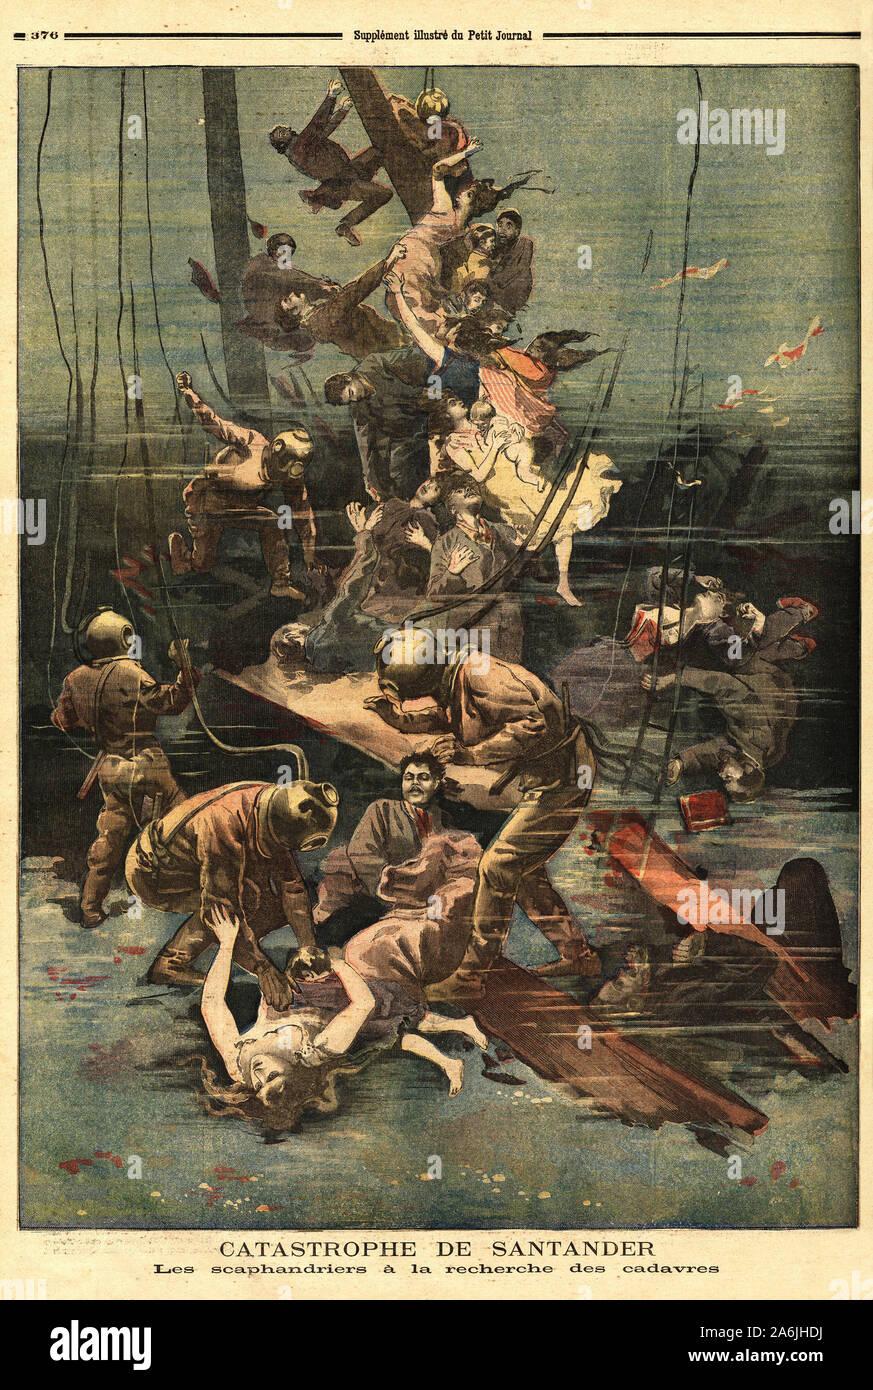 Les scaphandriers a la recherche des cadavres des navires cabo machichaco et Alphonse III, qui ont explose dans le port de Santander (Espagne). Gravur Stock Photo